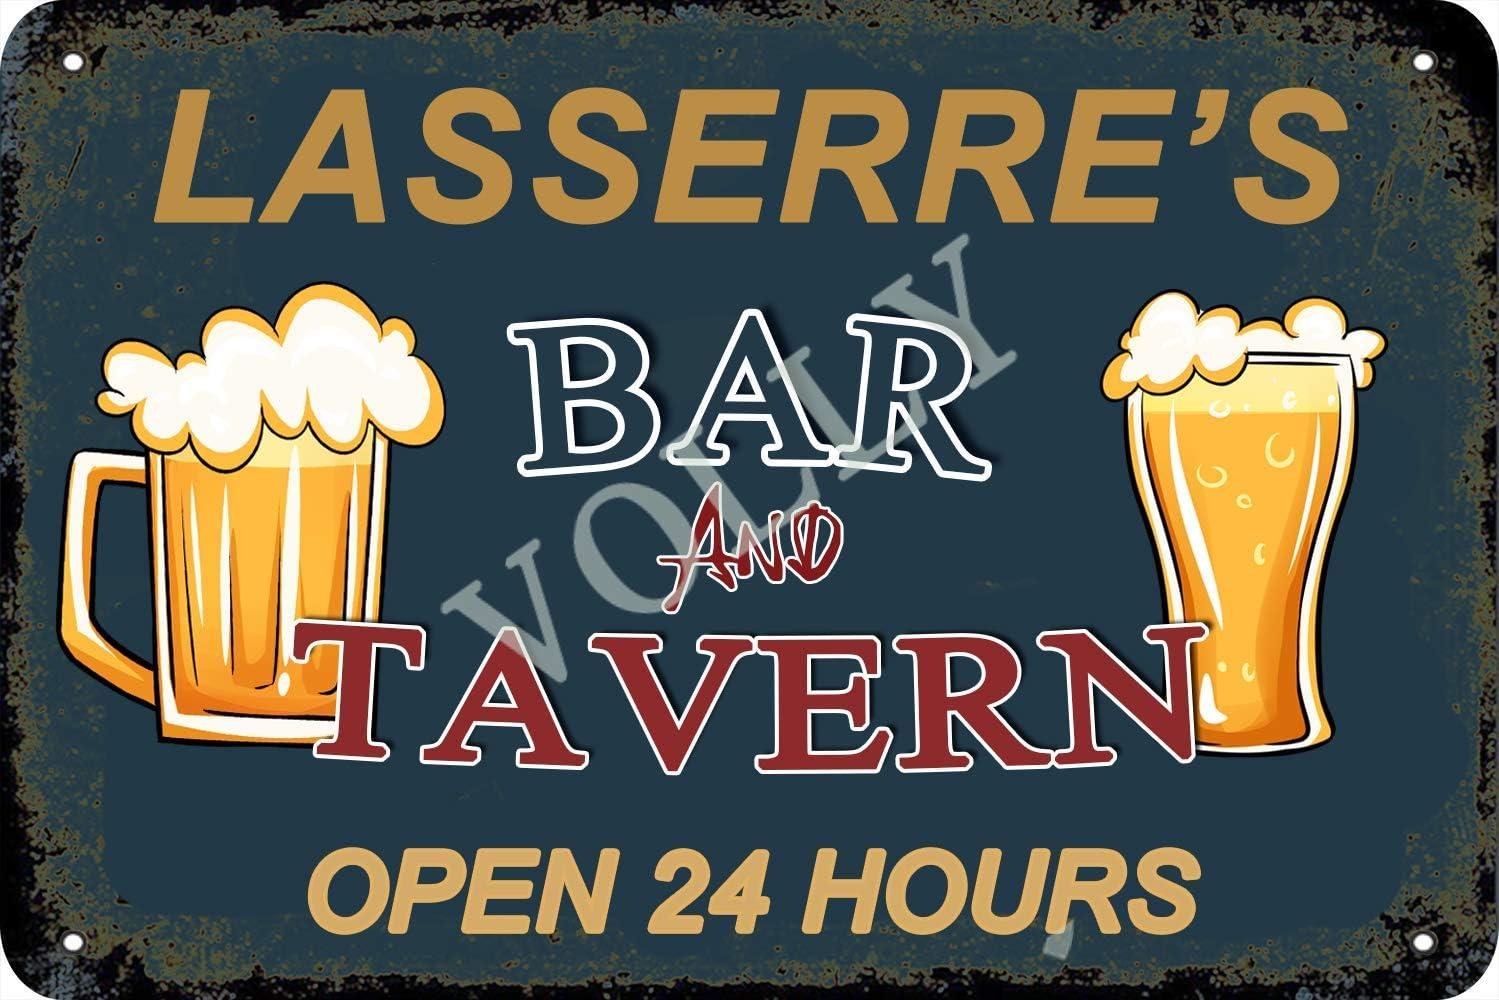 Vvision Lasserre'S Bar and Tavern Open 24 Hours Cartel de Chapa Metal Advertencia Placa de Chapa de Hierro Retro Cartel Vintage para Dormitorio Pared Familiar Aluminio Arte Decoración